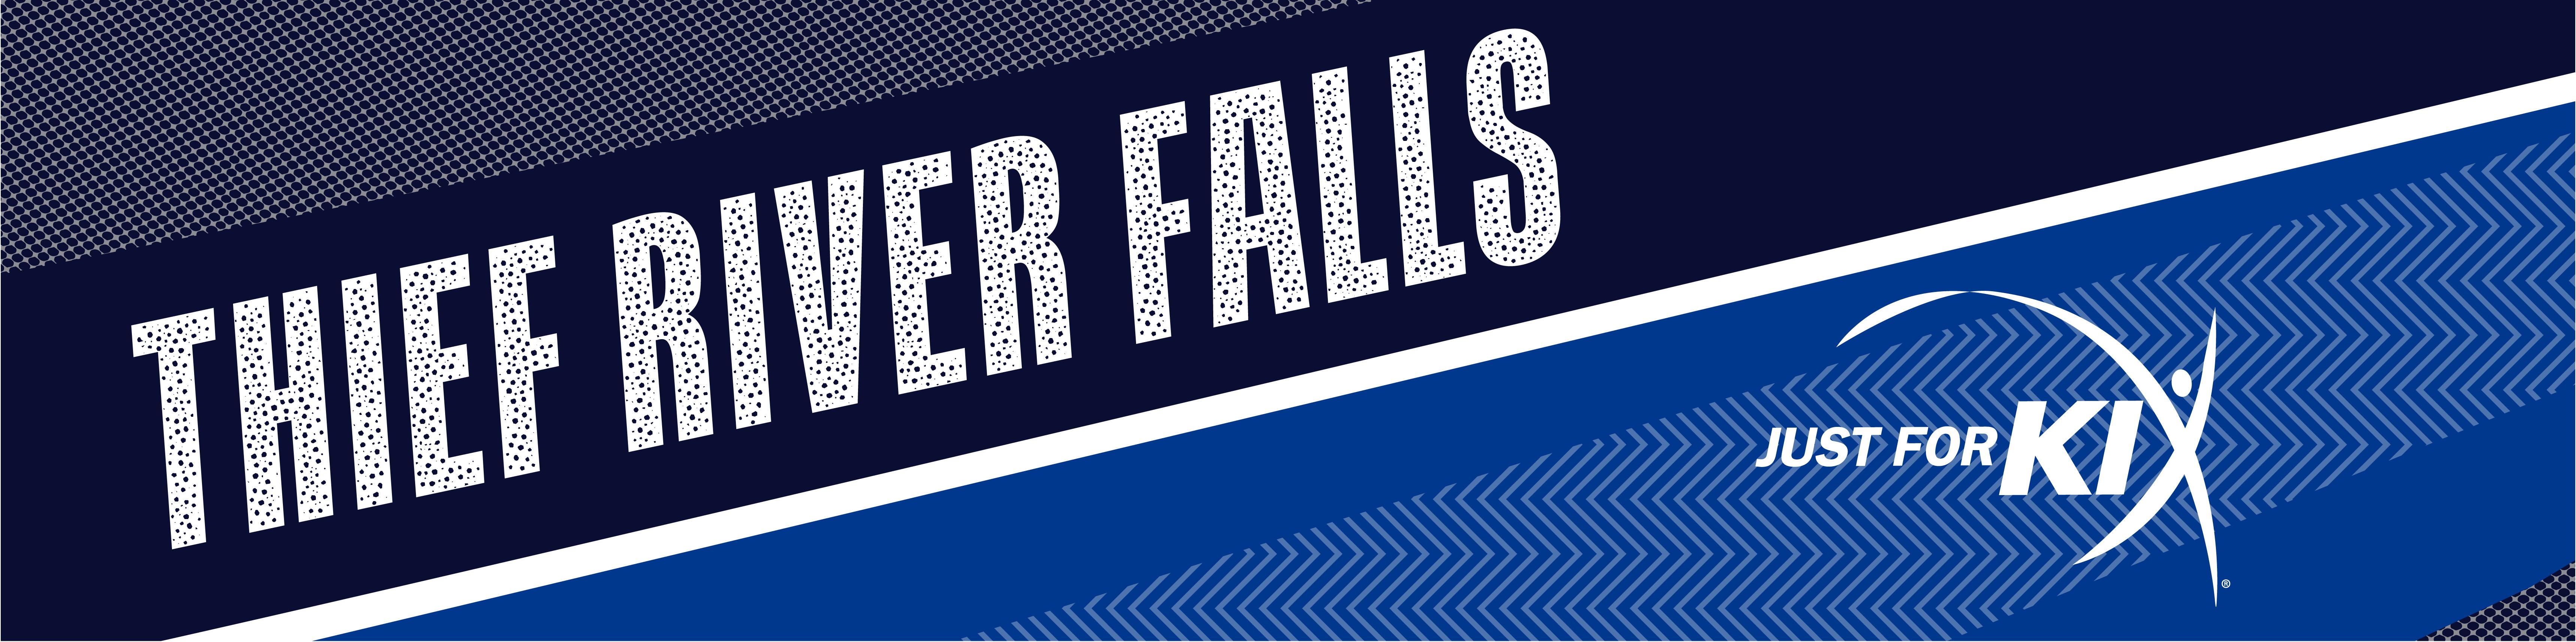 Thief River Falls Just For Kix